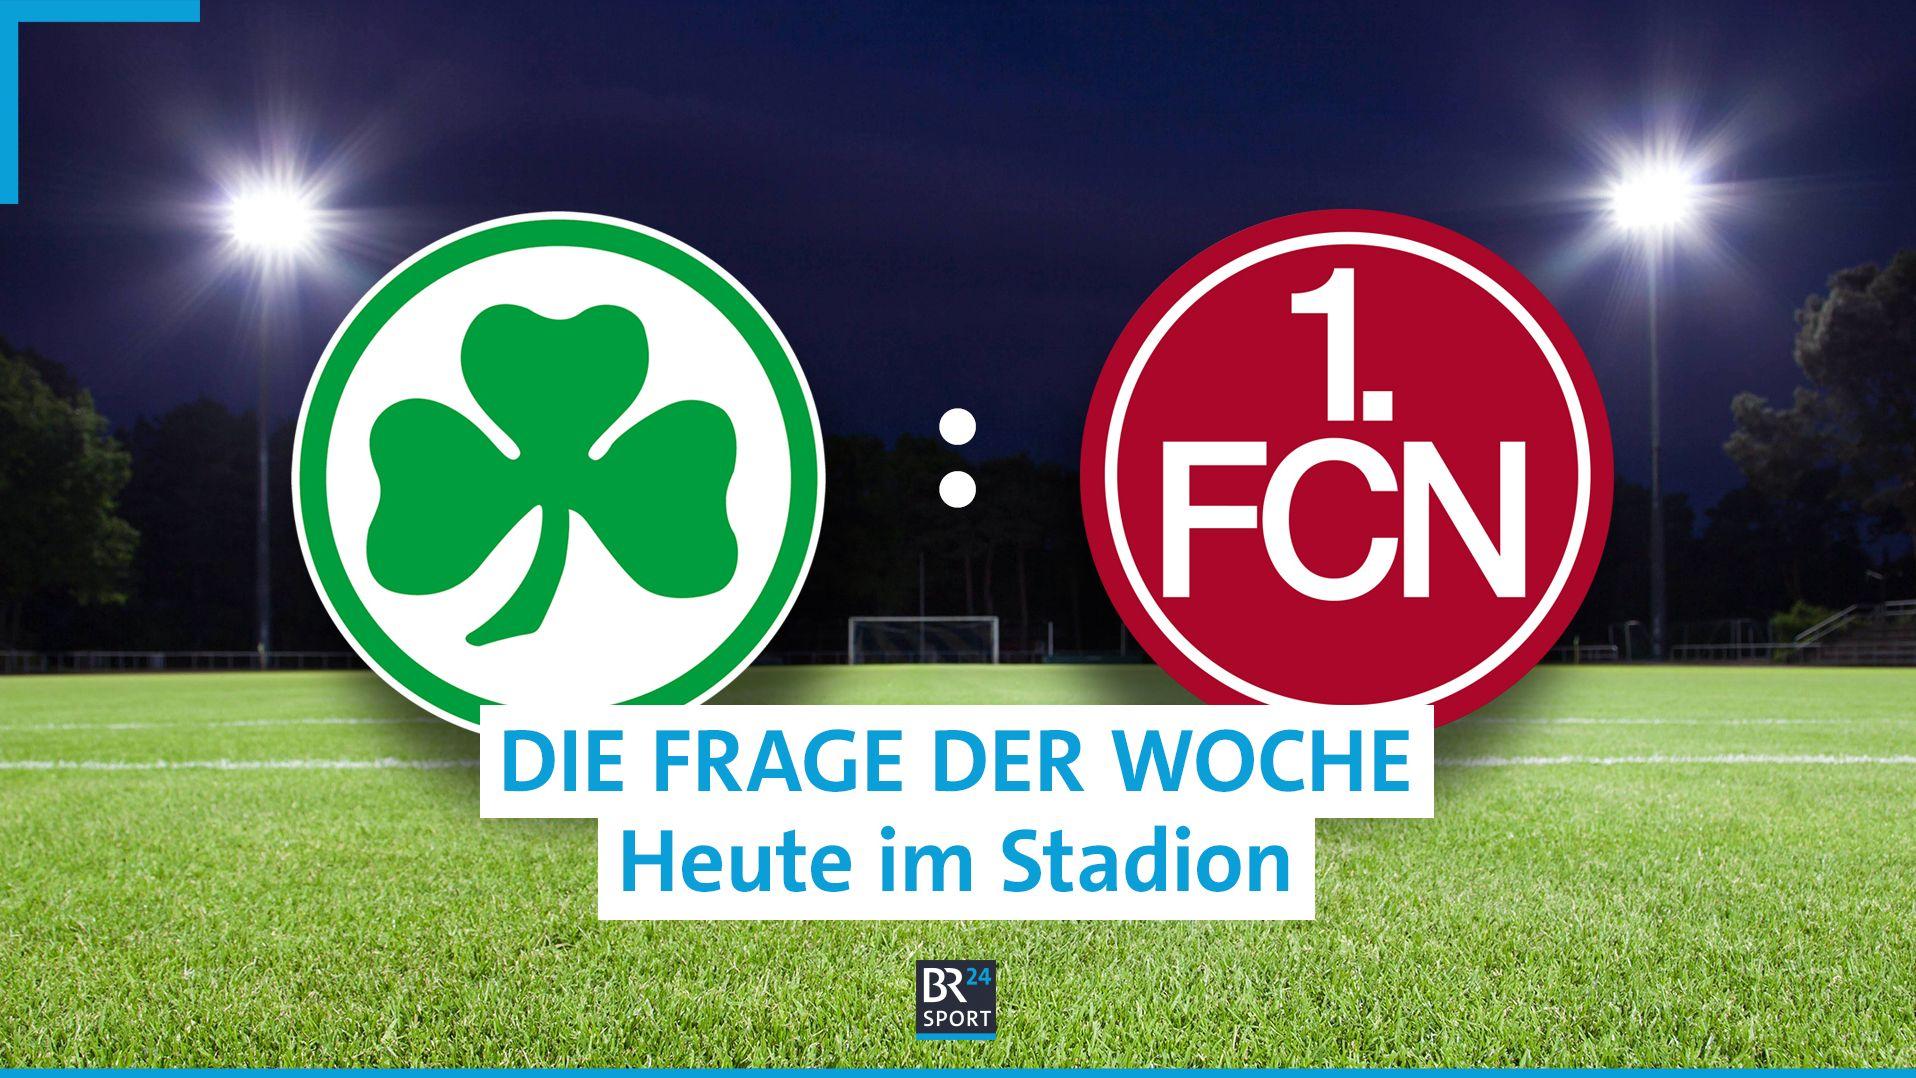 SpVgg Greuther Fürth oder 1. FC Nürnberg